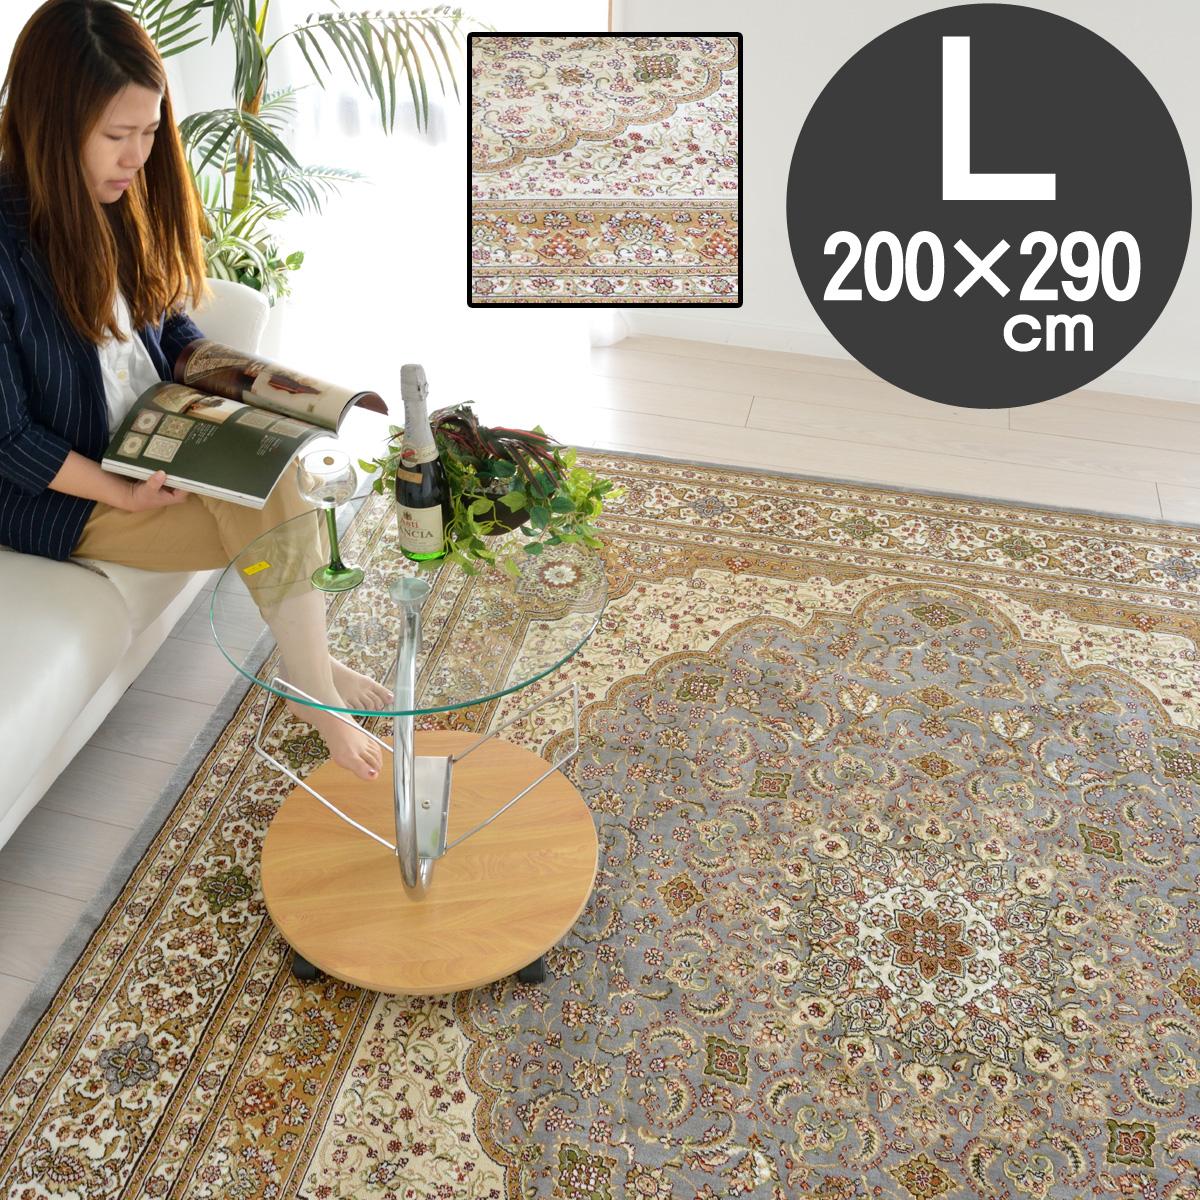 高級 ラグ ヨーロピアン クラシック テイスト ウィルトン織り ホットカーペット対応 グレー ベージュ 200×290 約3.5畳 オールシーズン対応シャルオネ ブルガリア製 お手入れ簡単 カーペット絨毯 classic design